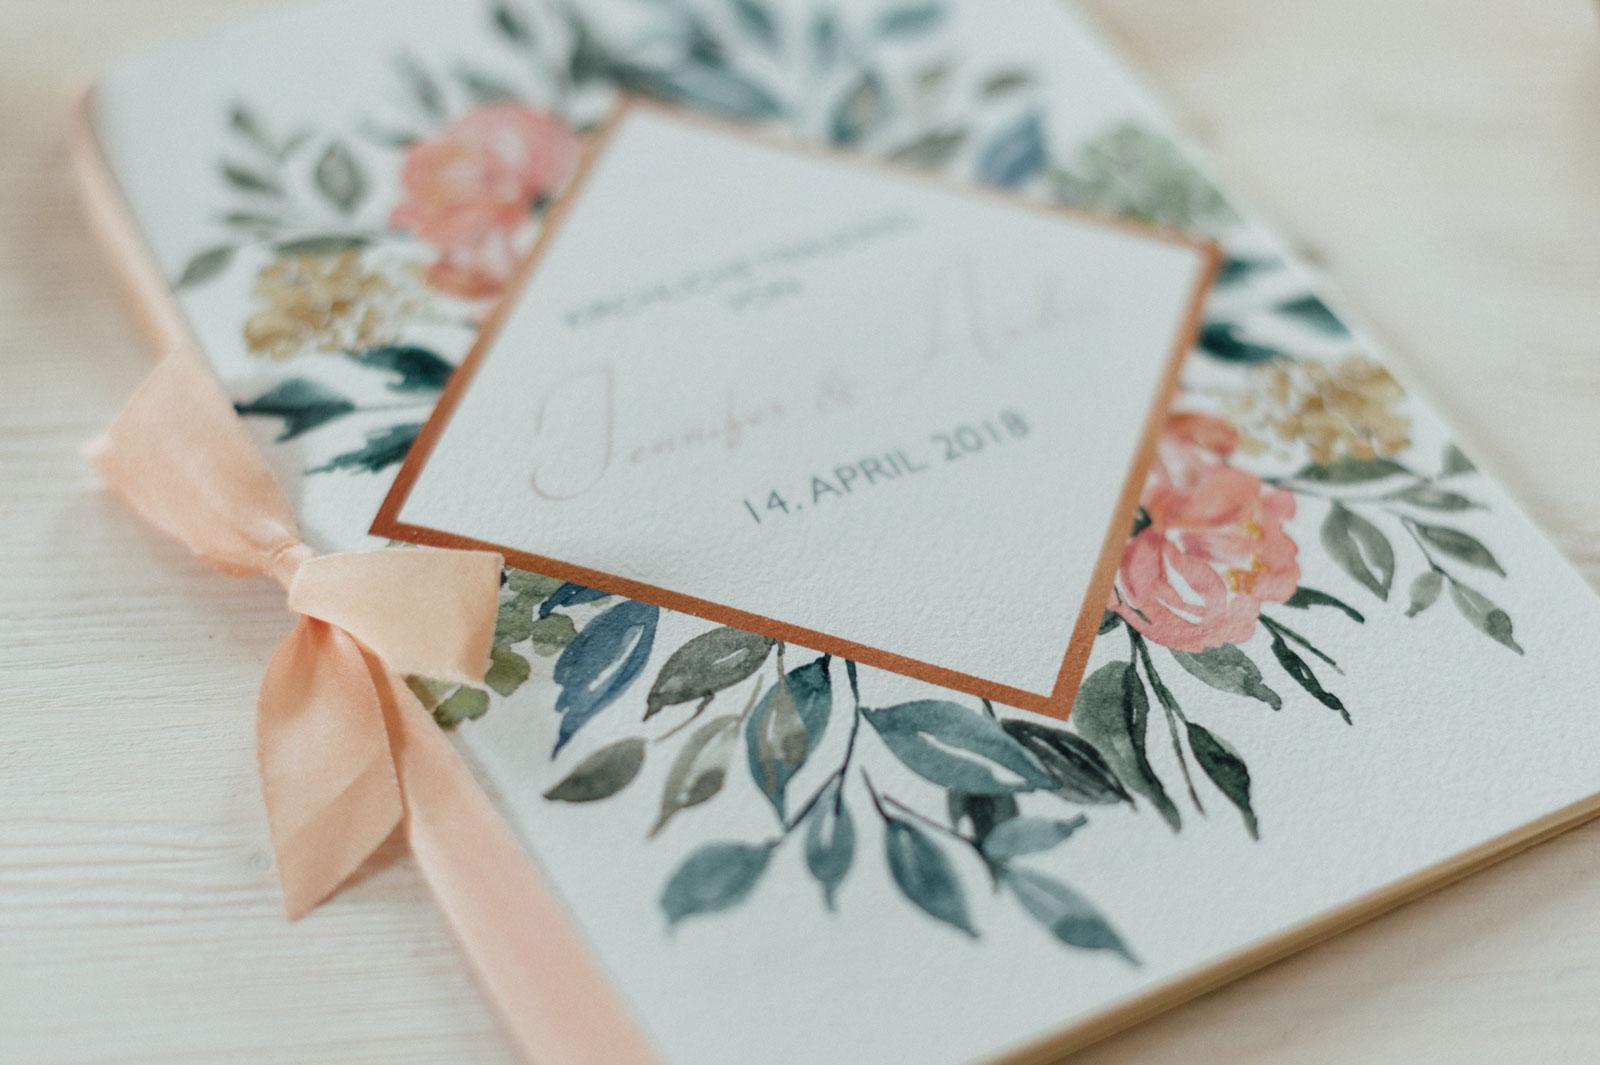 Frühlingsblumen Kirchenheft Hochzeitskarten Hochzeitspapeterie Wiesenblumen Wasserfarben Aquarell Zeichnung Edel Vintage Individuell Hochzeitsmotto Frühling Blumen